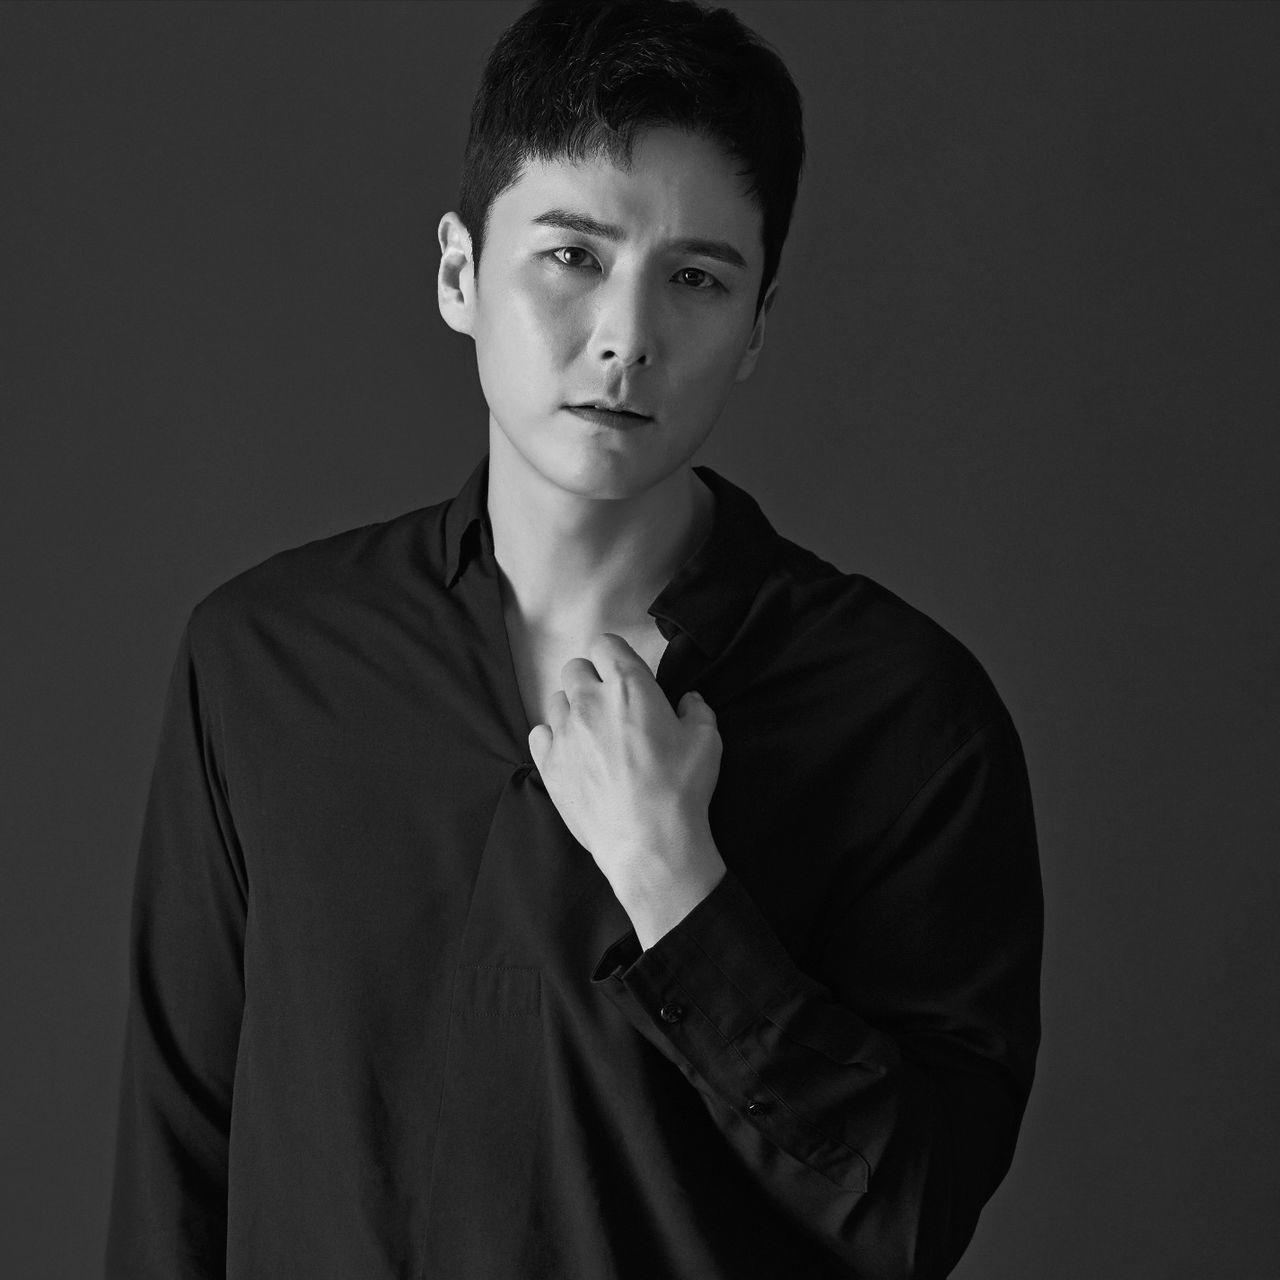 김기범<br>Kim Ki Bum<br>金起範